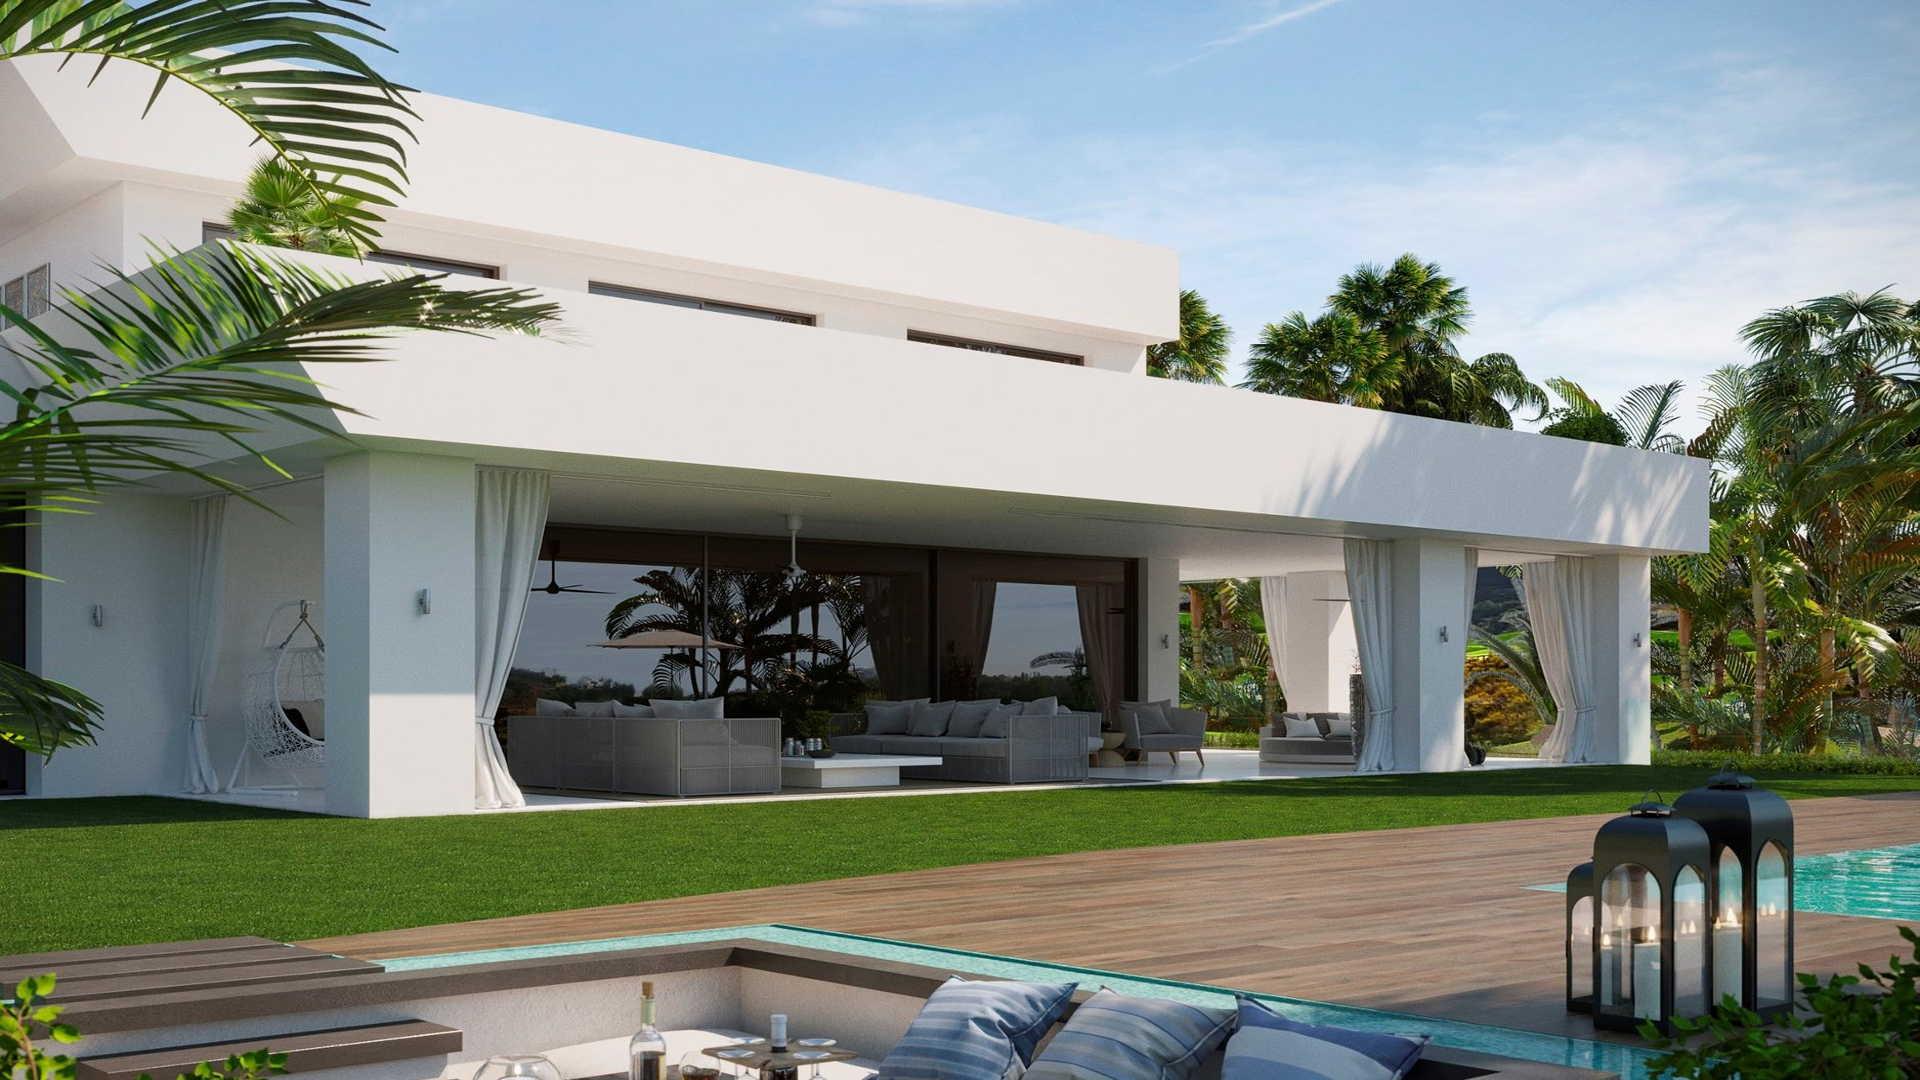 Brand new modern villa in la Alqueria Benahavis for sale, with private pool and open sea views